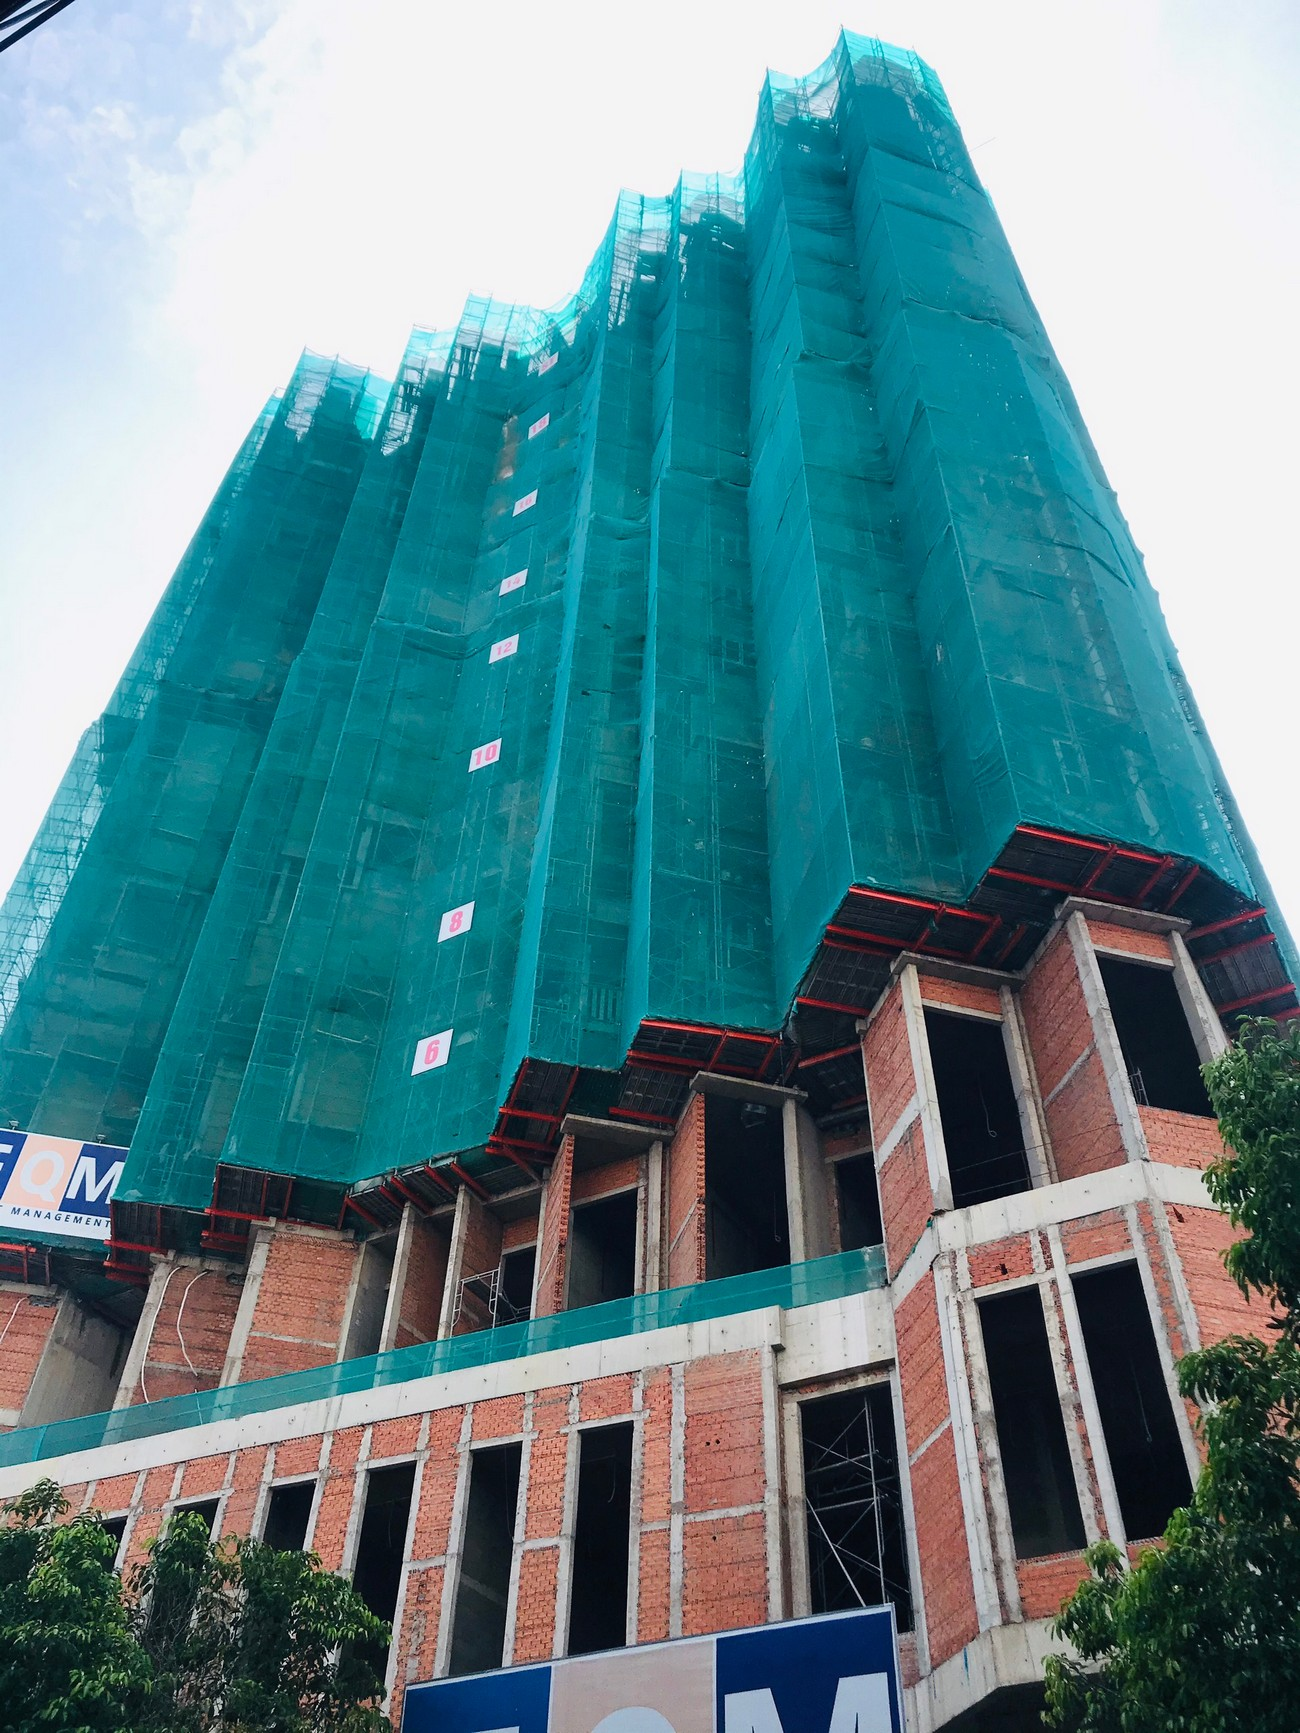 Tiến độ xây dựng căn hộ + Officetel dự án Asiana Capella 15/08/2020 – Nhận ký gửi mua bán + Cho thuê